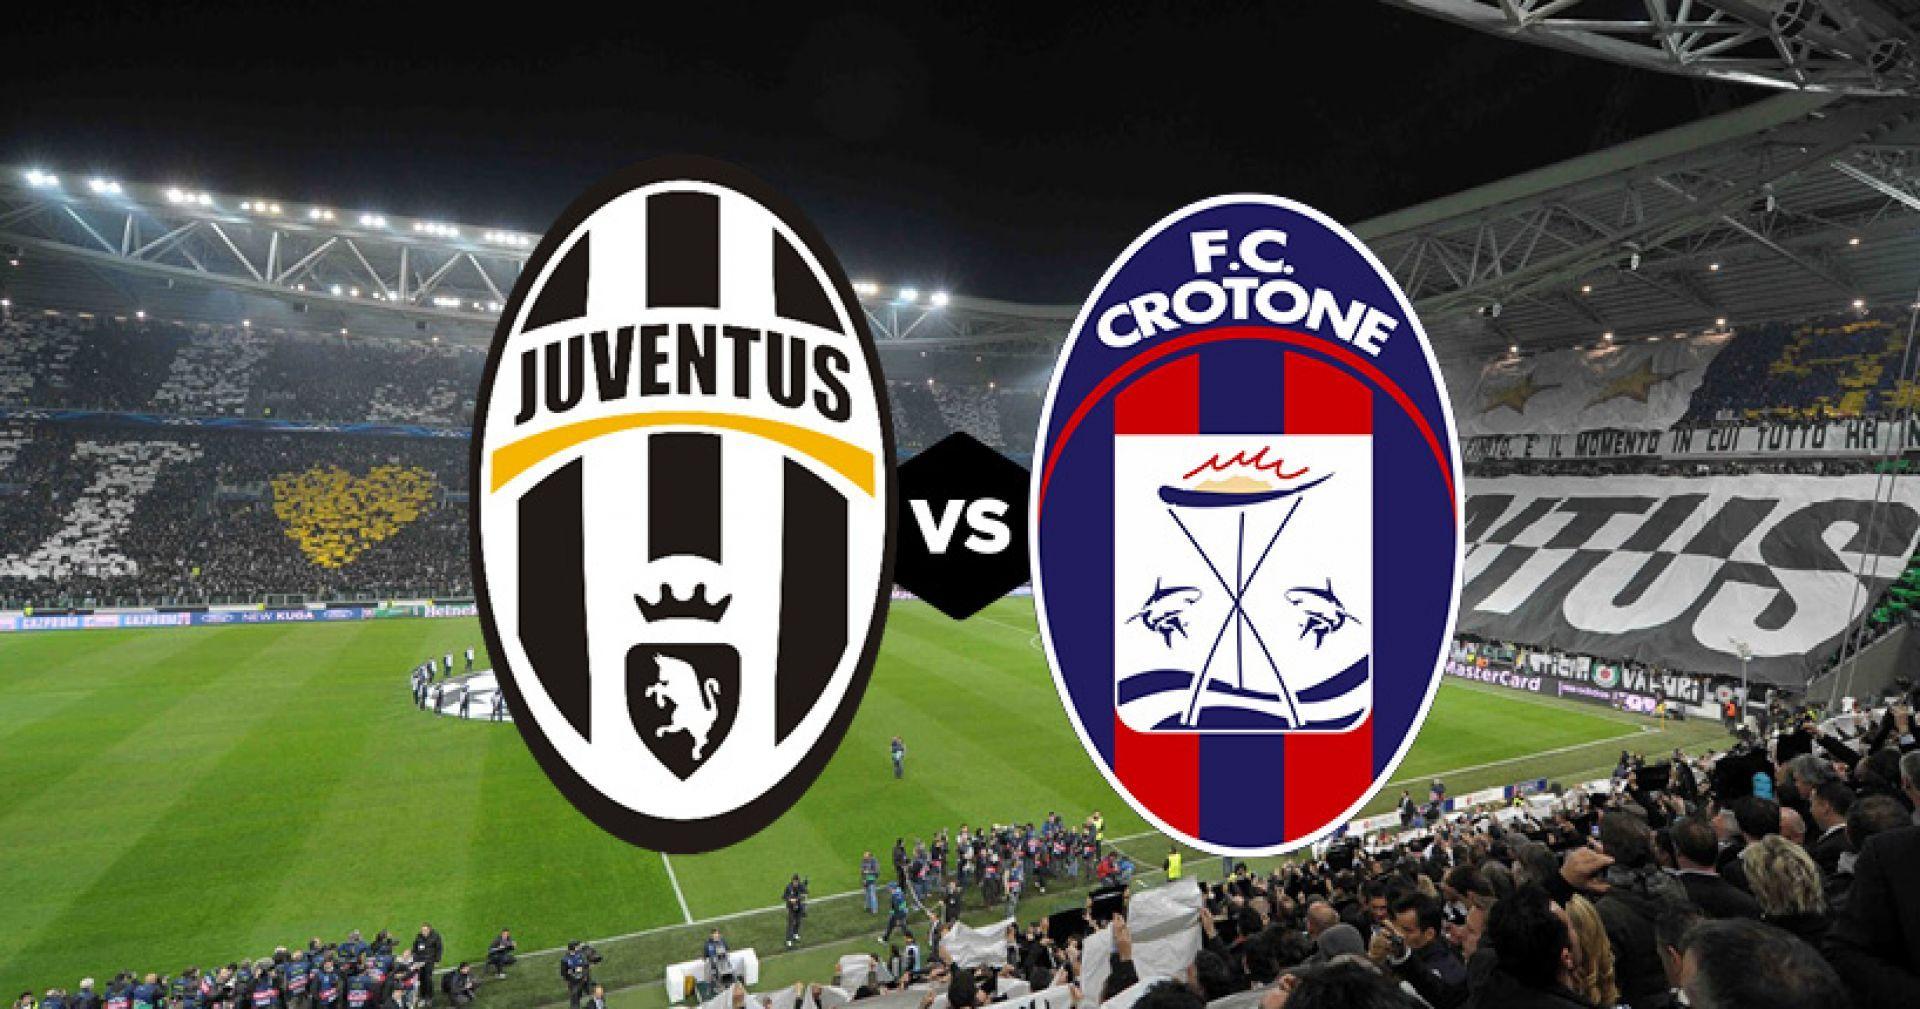 ยูเวนตุส vs โครโตเน่ วิเคราะห์บอลวันนี้กัลโช่เซเรียอาอิตาลี Juventus vs  Crotone Serie A Italy | พรีเมียร์ลีก